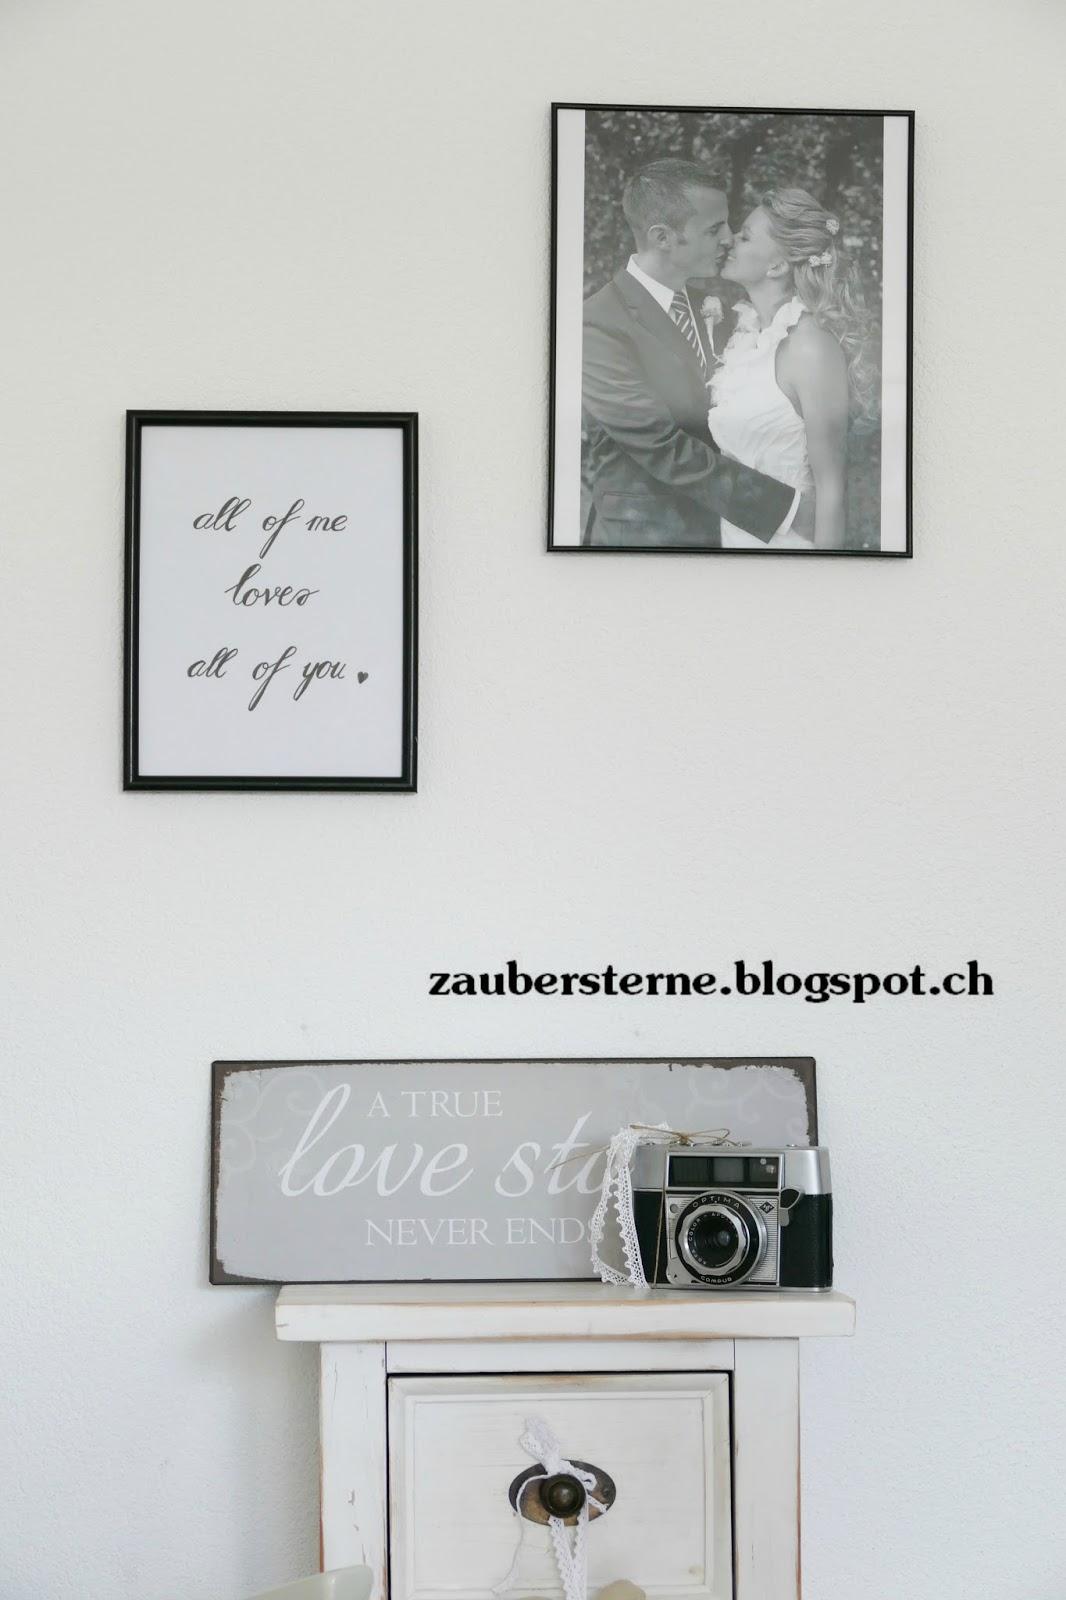 blog schweiz miriweber.ch : Bildermontage mit Command Strips